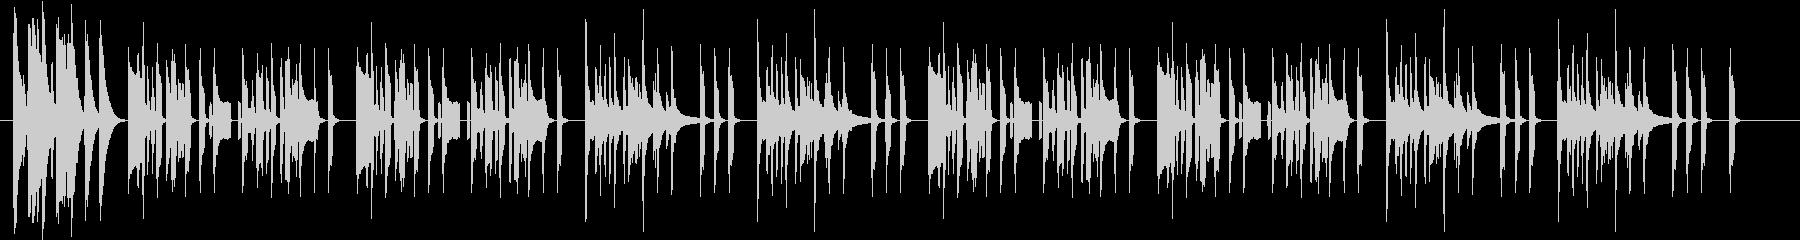 まぬけなリコーダーマーチの未再生の波形